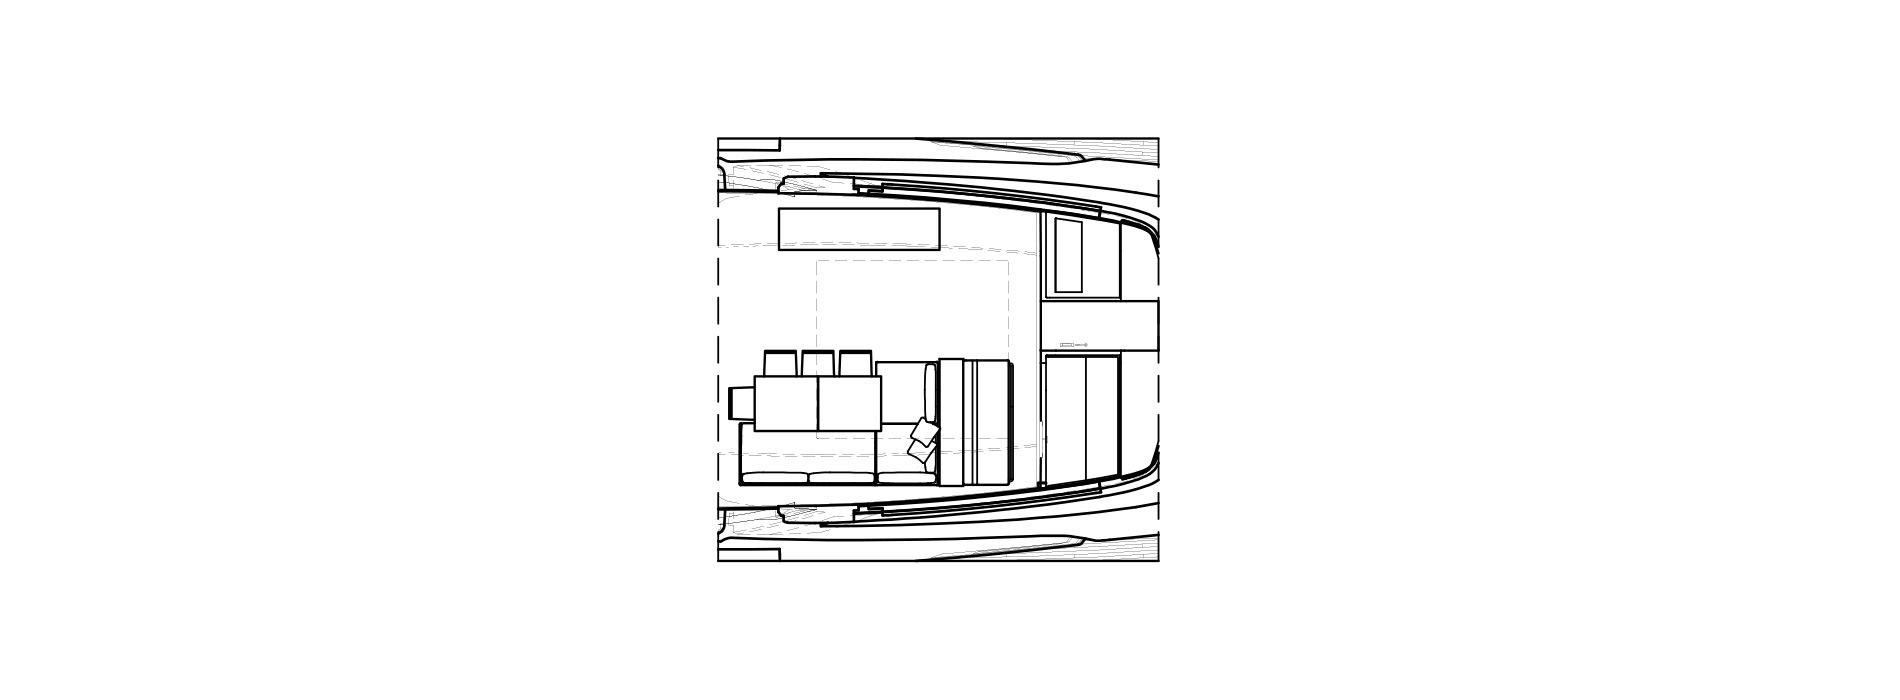 Sanlorenzo Yachts SX88 Détails Versione B